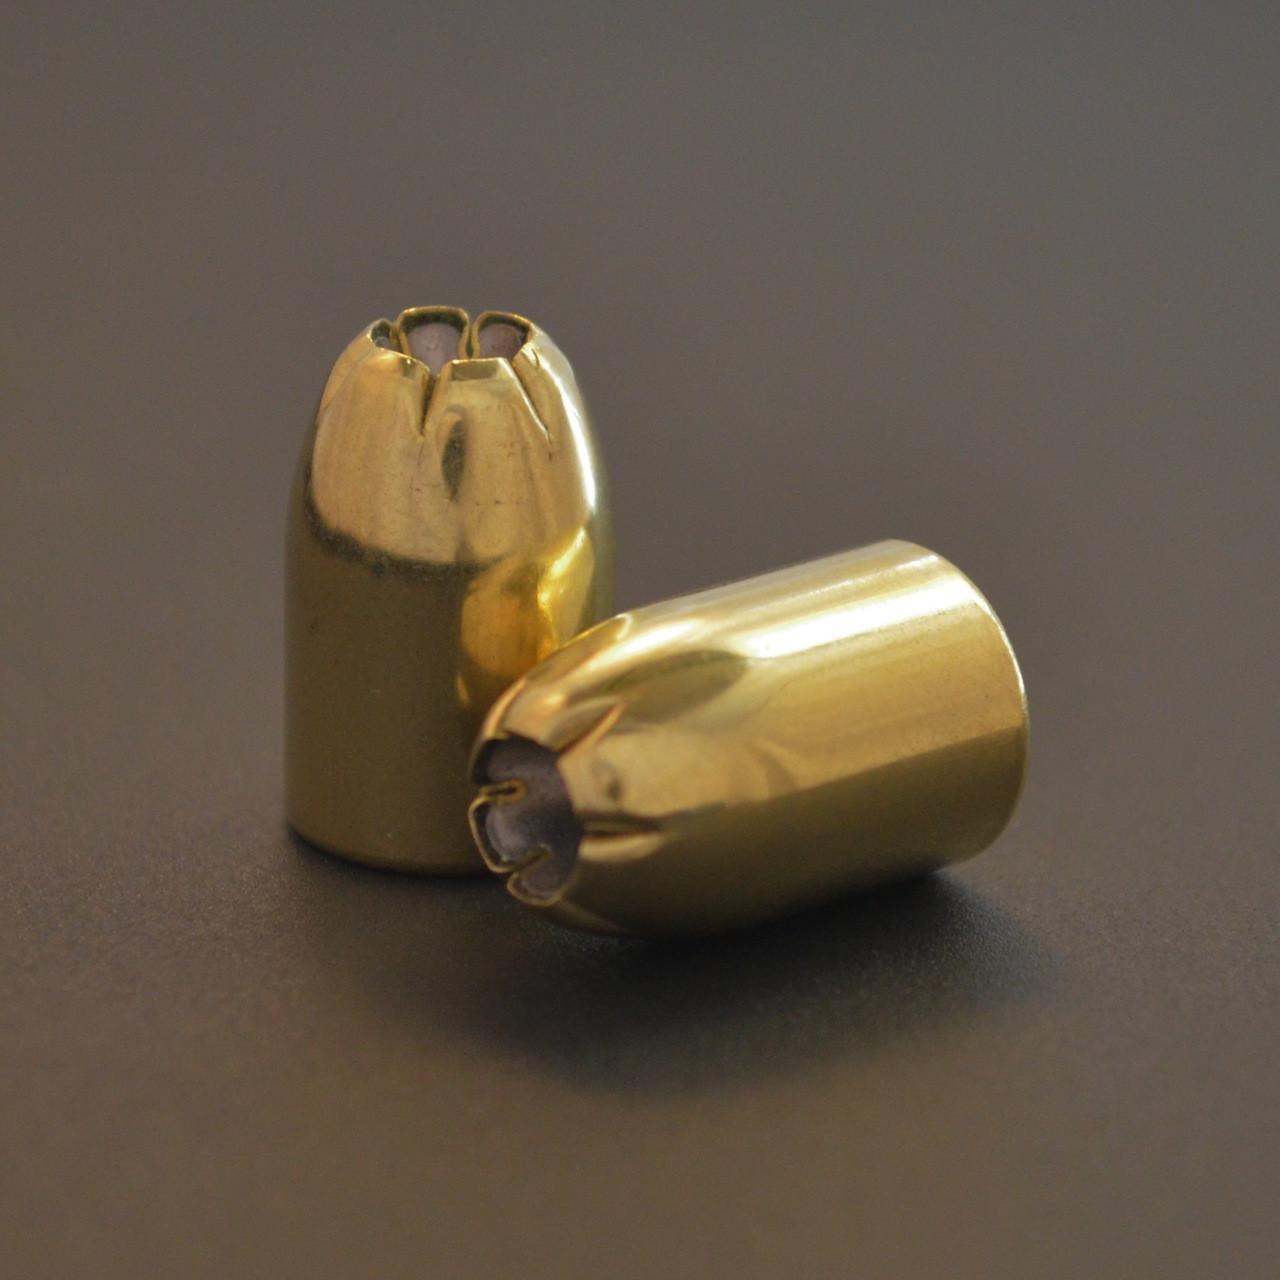 10mm/.40 180gr JHP - 2,500ct CASE